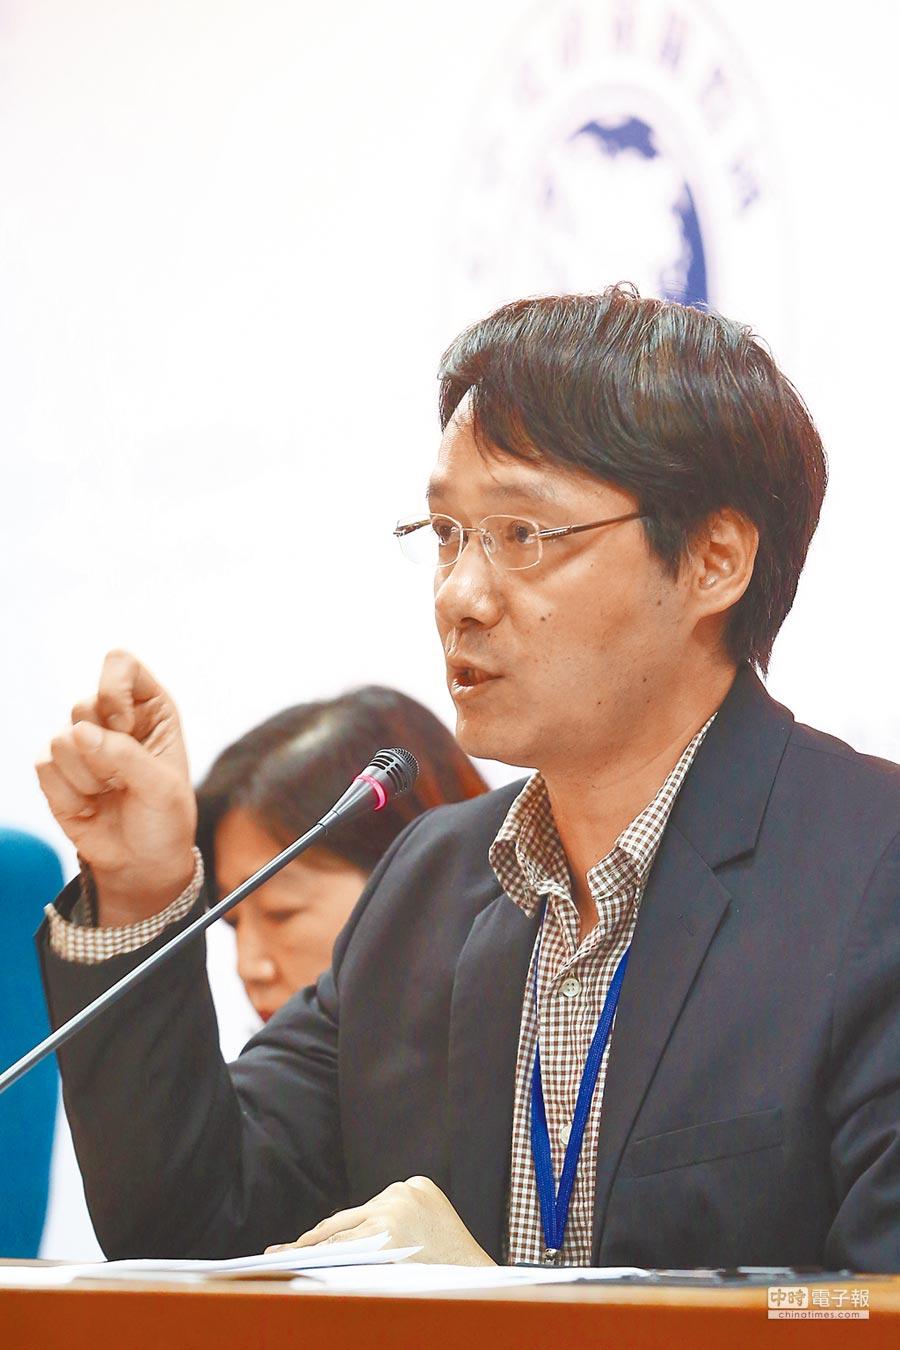 政大東亞研究所教授王信賢。(本報系資料照片)